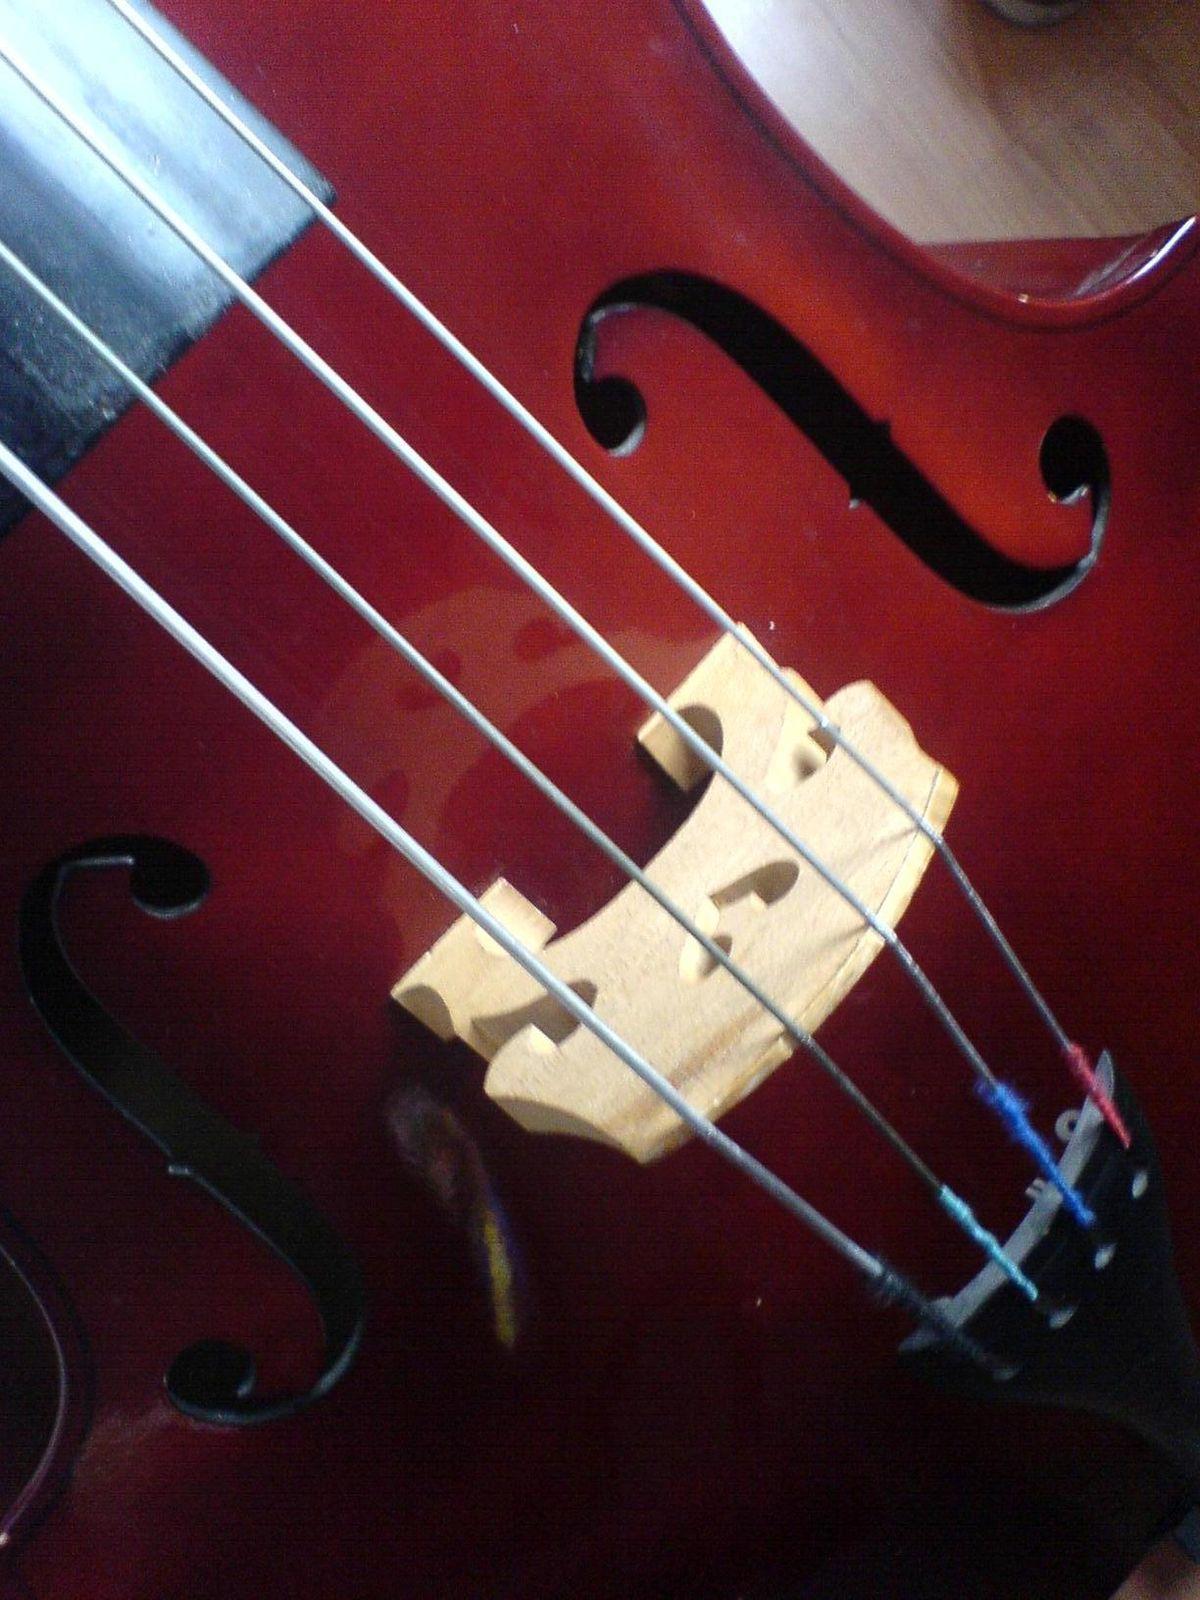 Circuito De Bajo Jazz Bass : Bajo de jazz wikipedia la enciclopedia libre